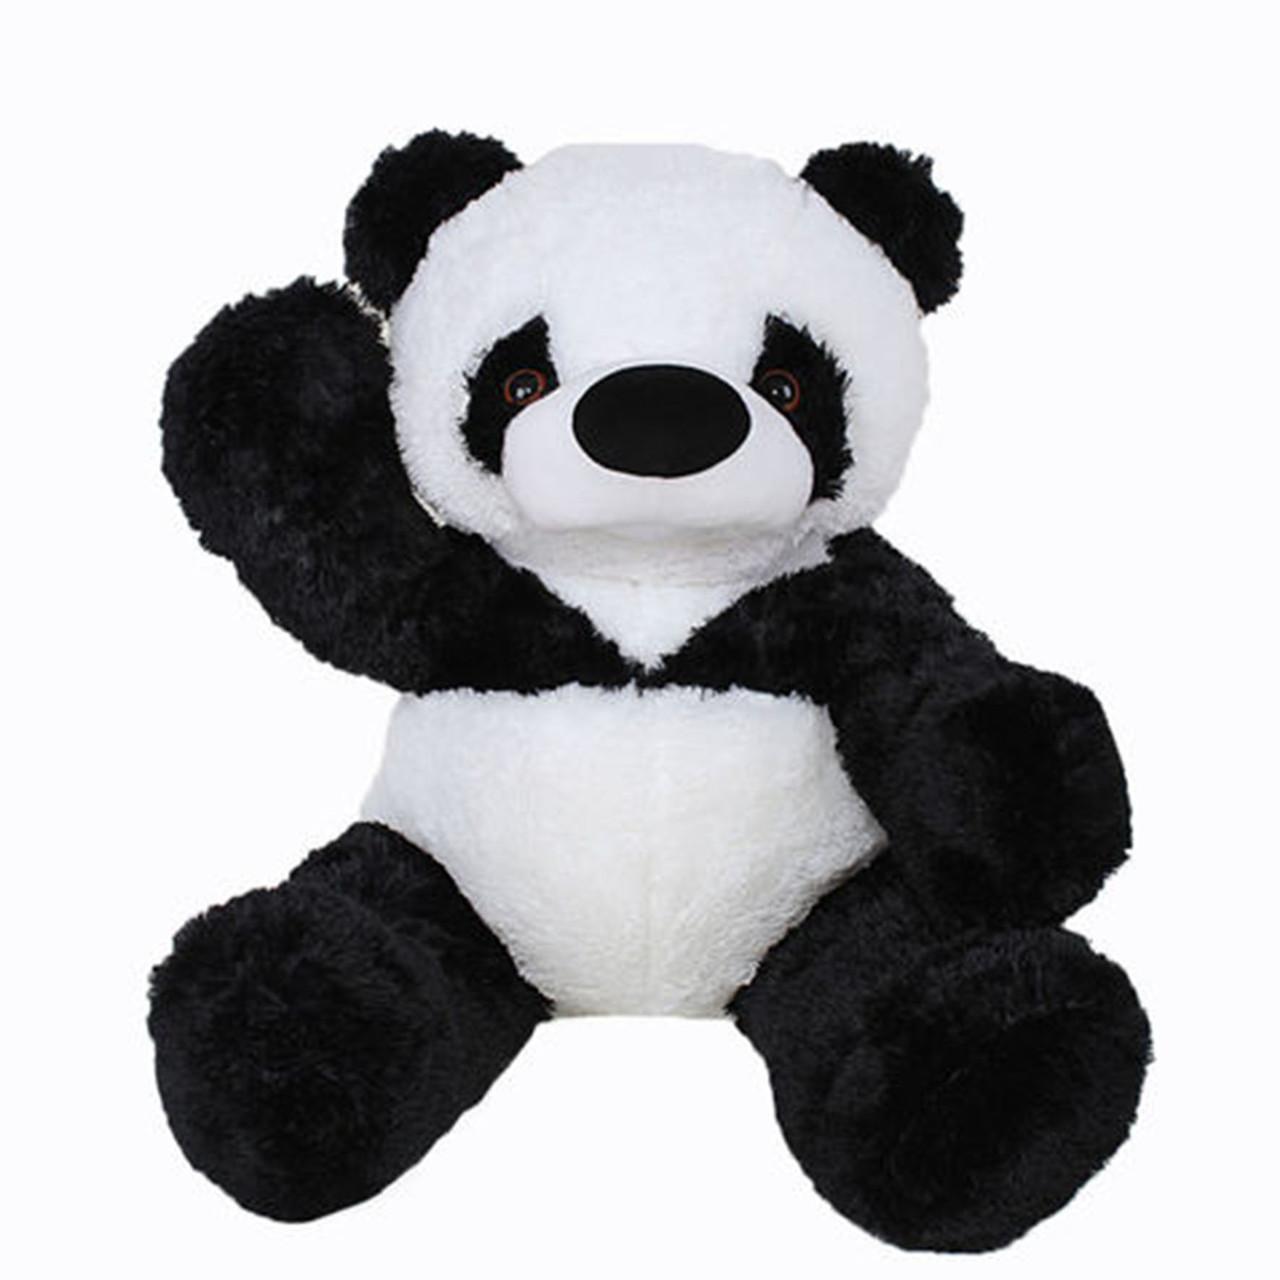 Мягкая игрушка Панда 50 см №1, П7-10 (большие мягкие игрушки) - Fotomagnat.net — Выгодные покупки начинаются здесь в Днепре